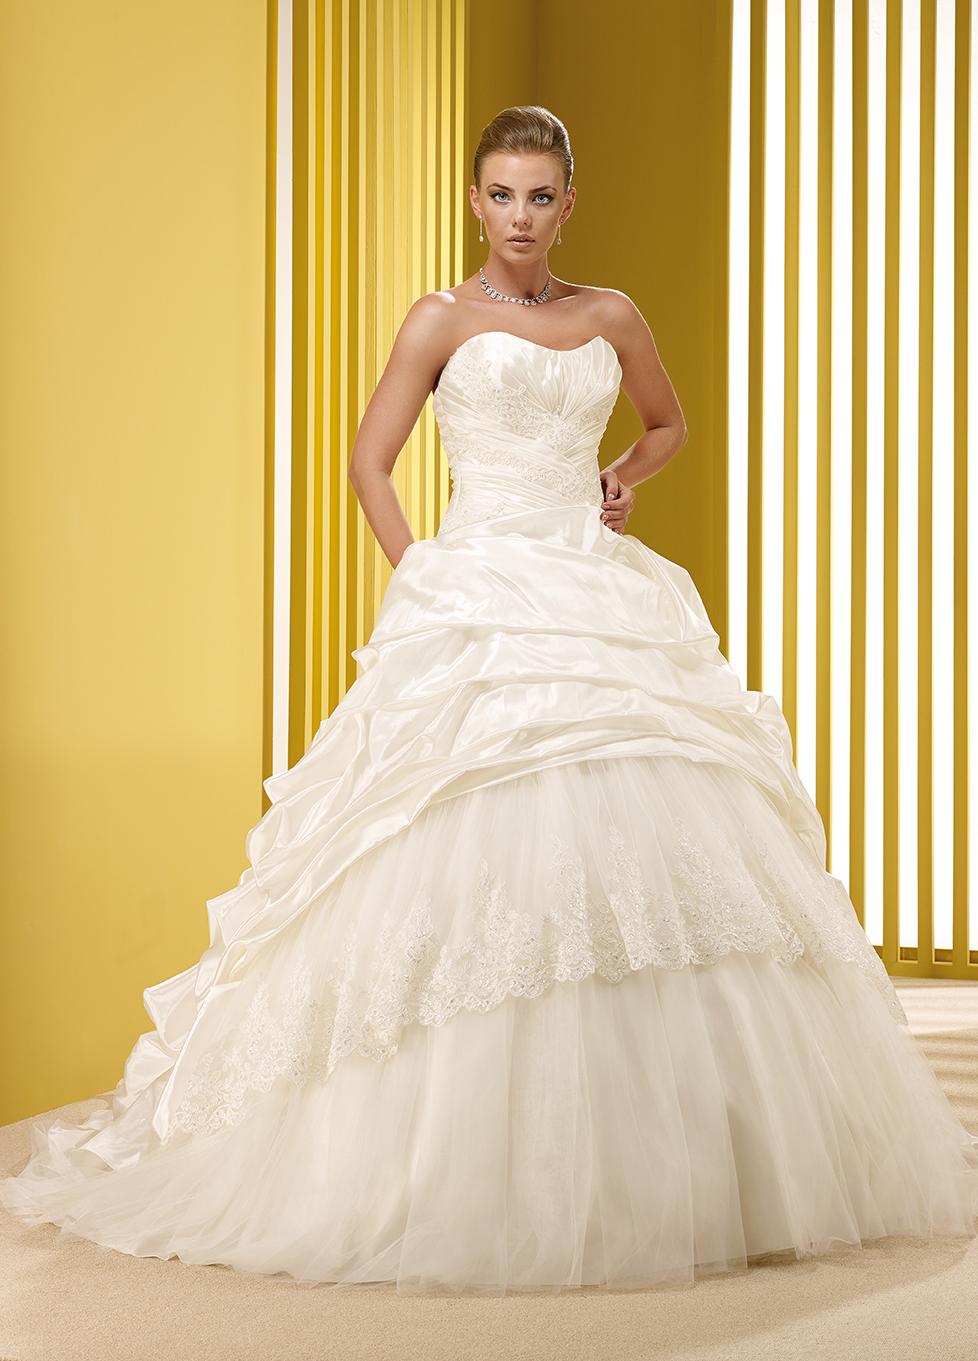 09cb2554cca5 Sposissimi  per tutto febbraio l abito da sposa a mille euro ...